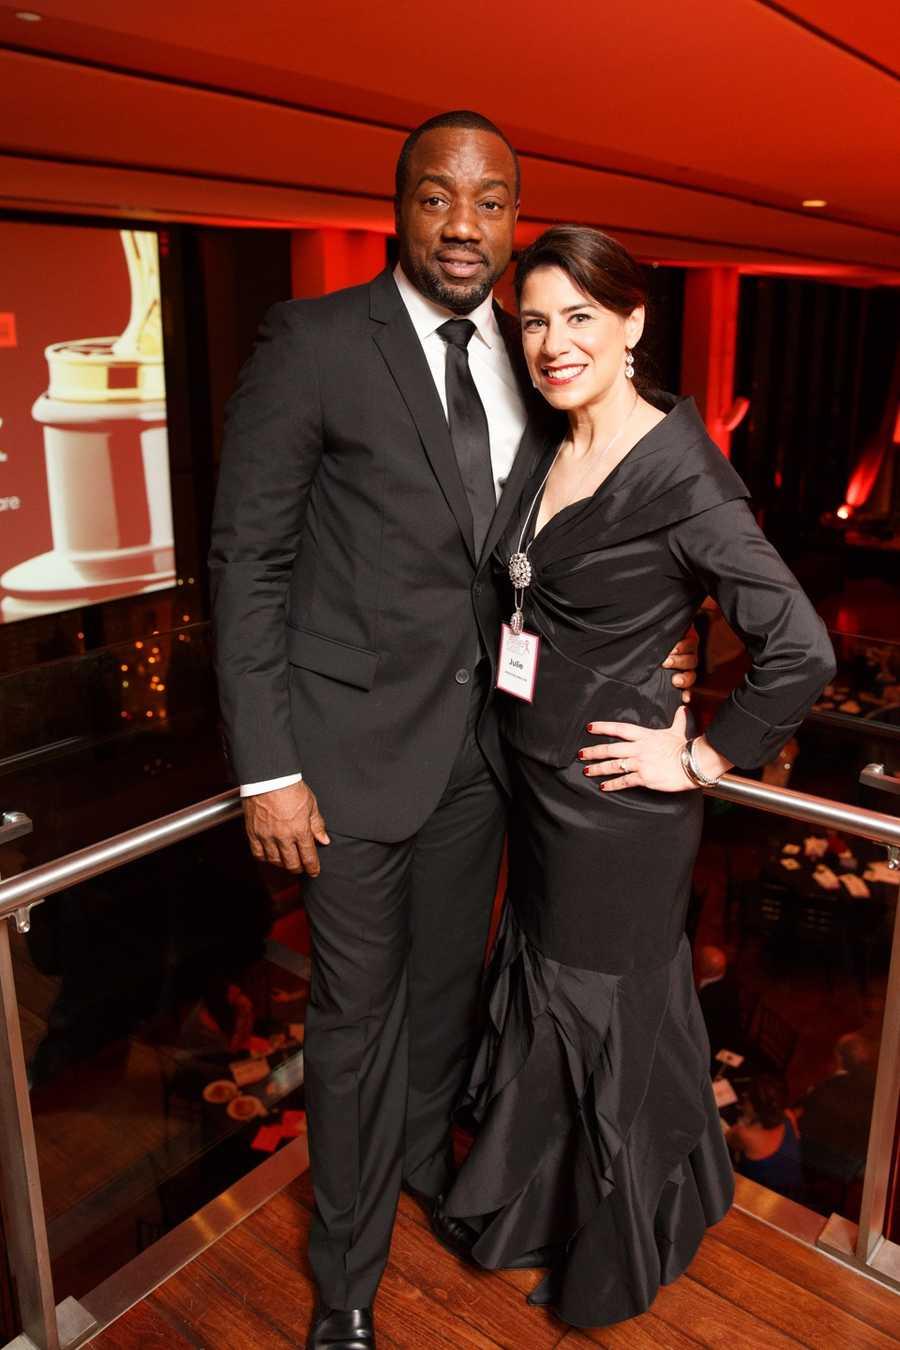 Actor Malik Yoba and Julie Nations